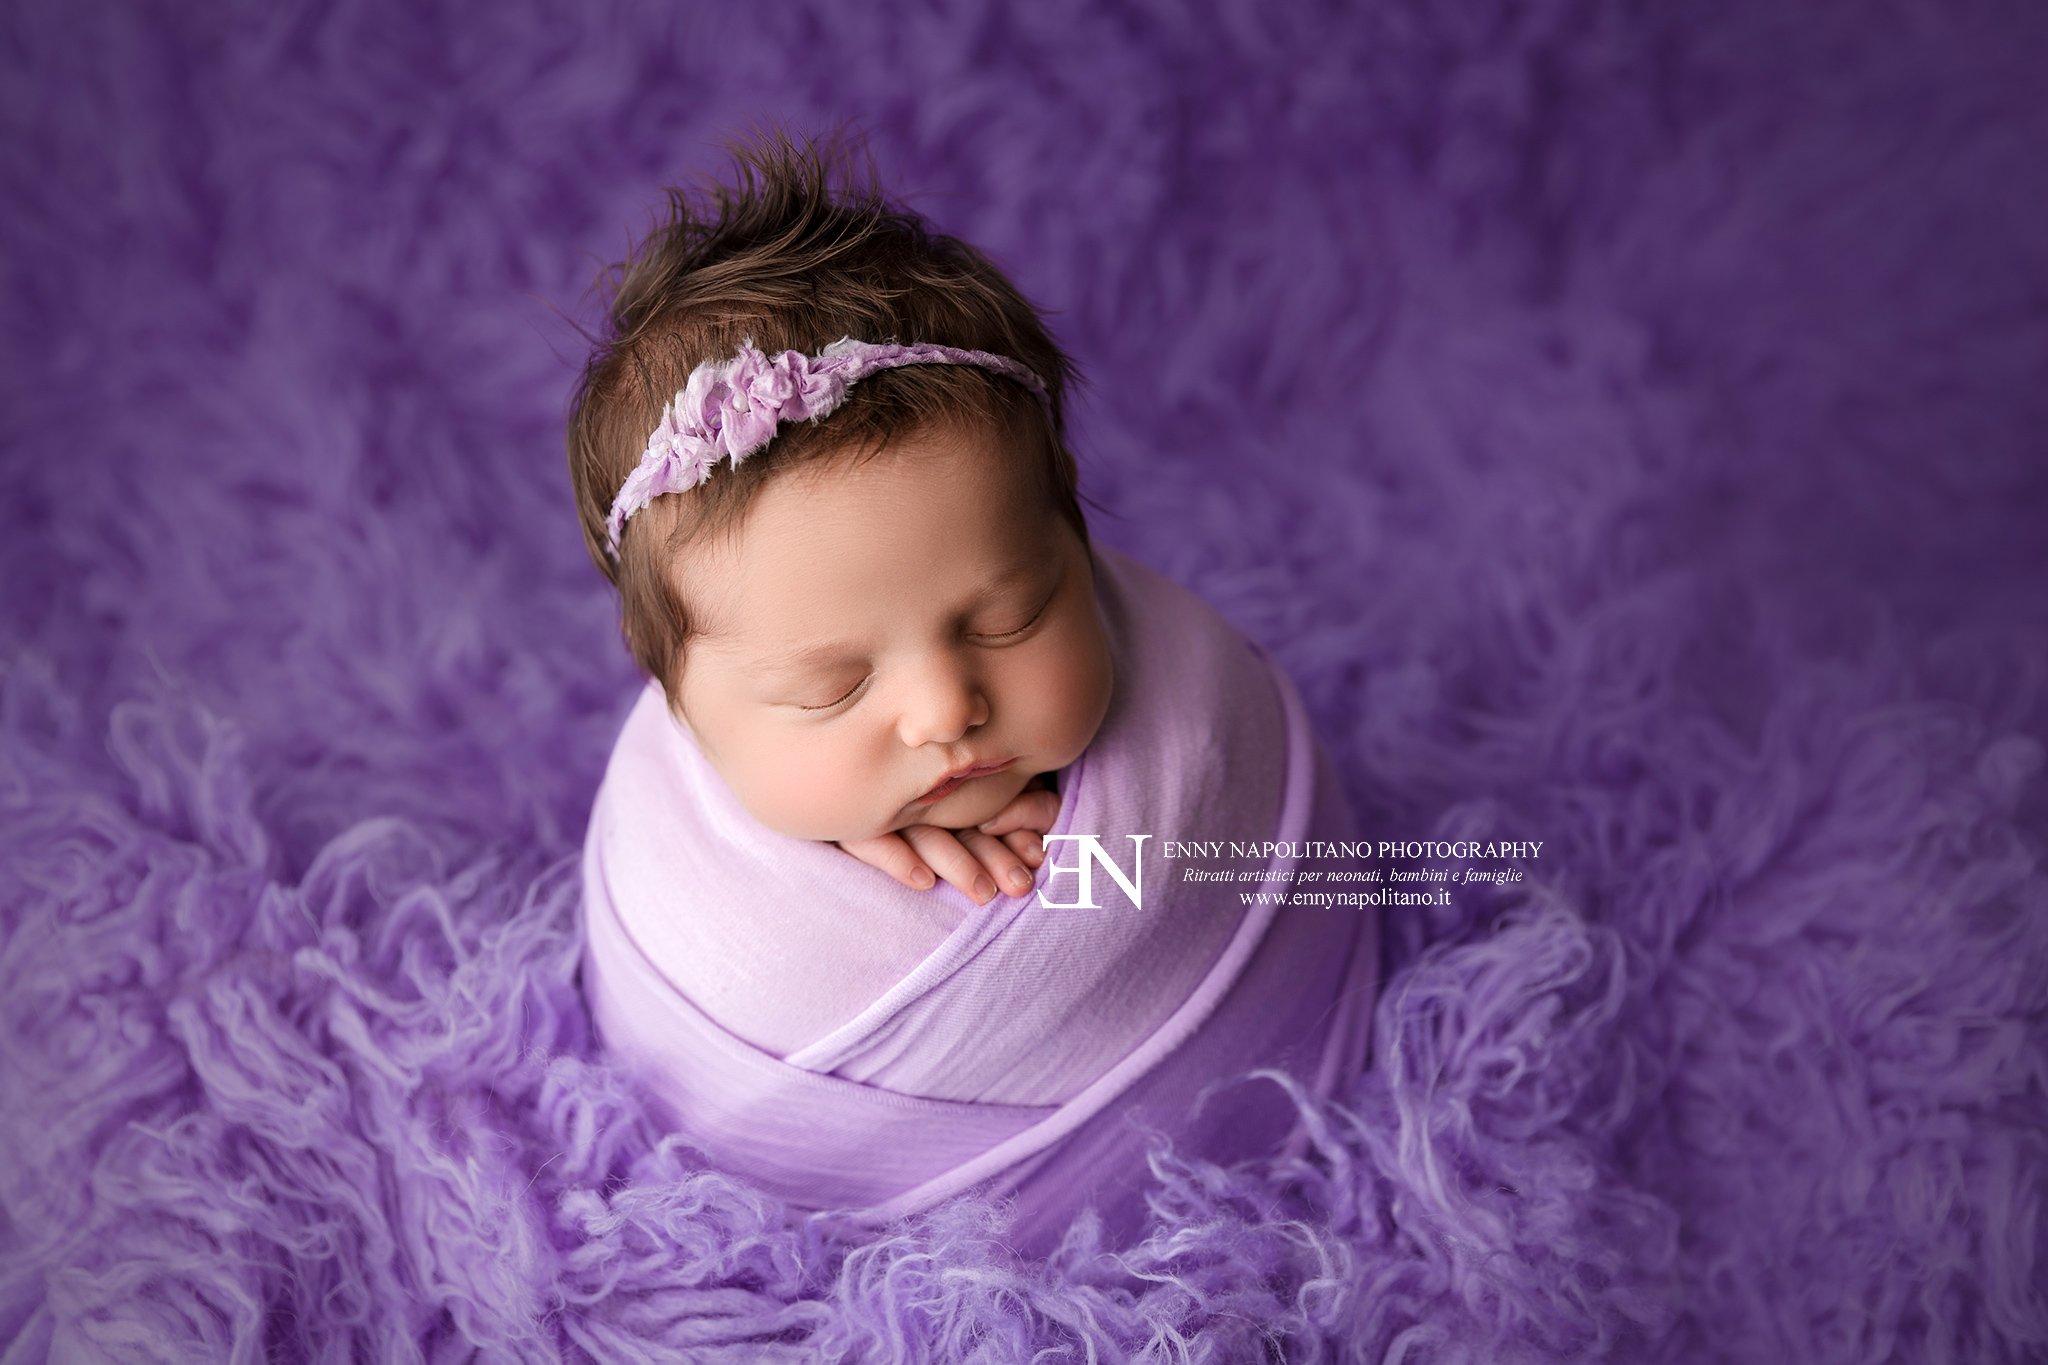 Neonata che dorme fasciata su un tappeto di peli flokati durante un servizio fotografico newborn per neonati e bambini a Milano